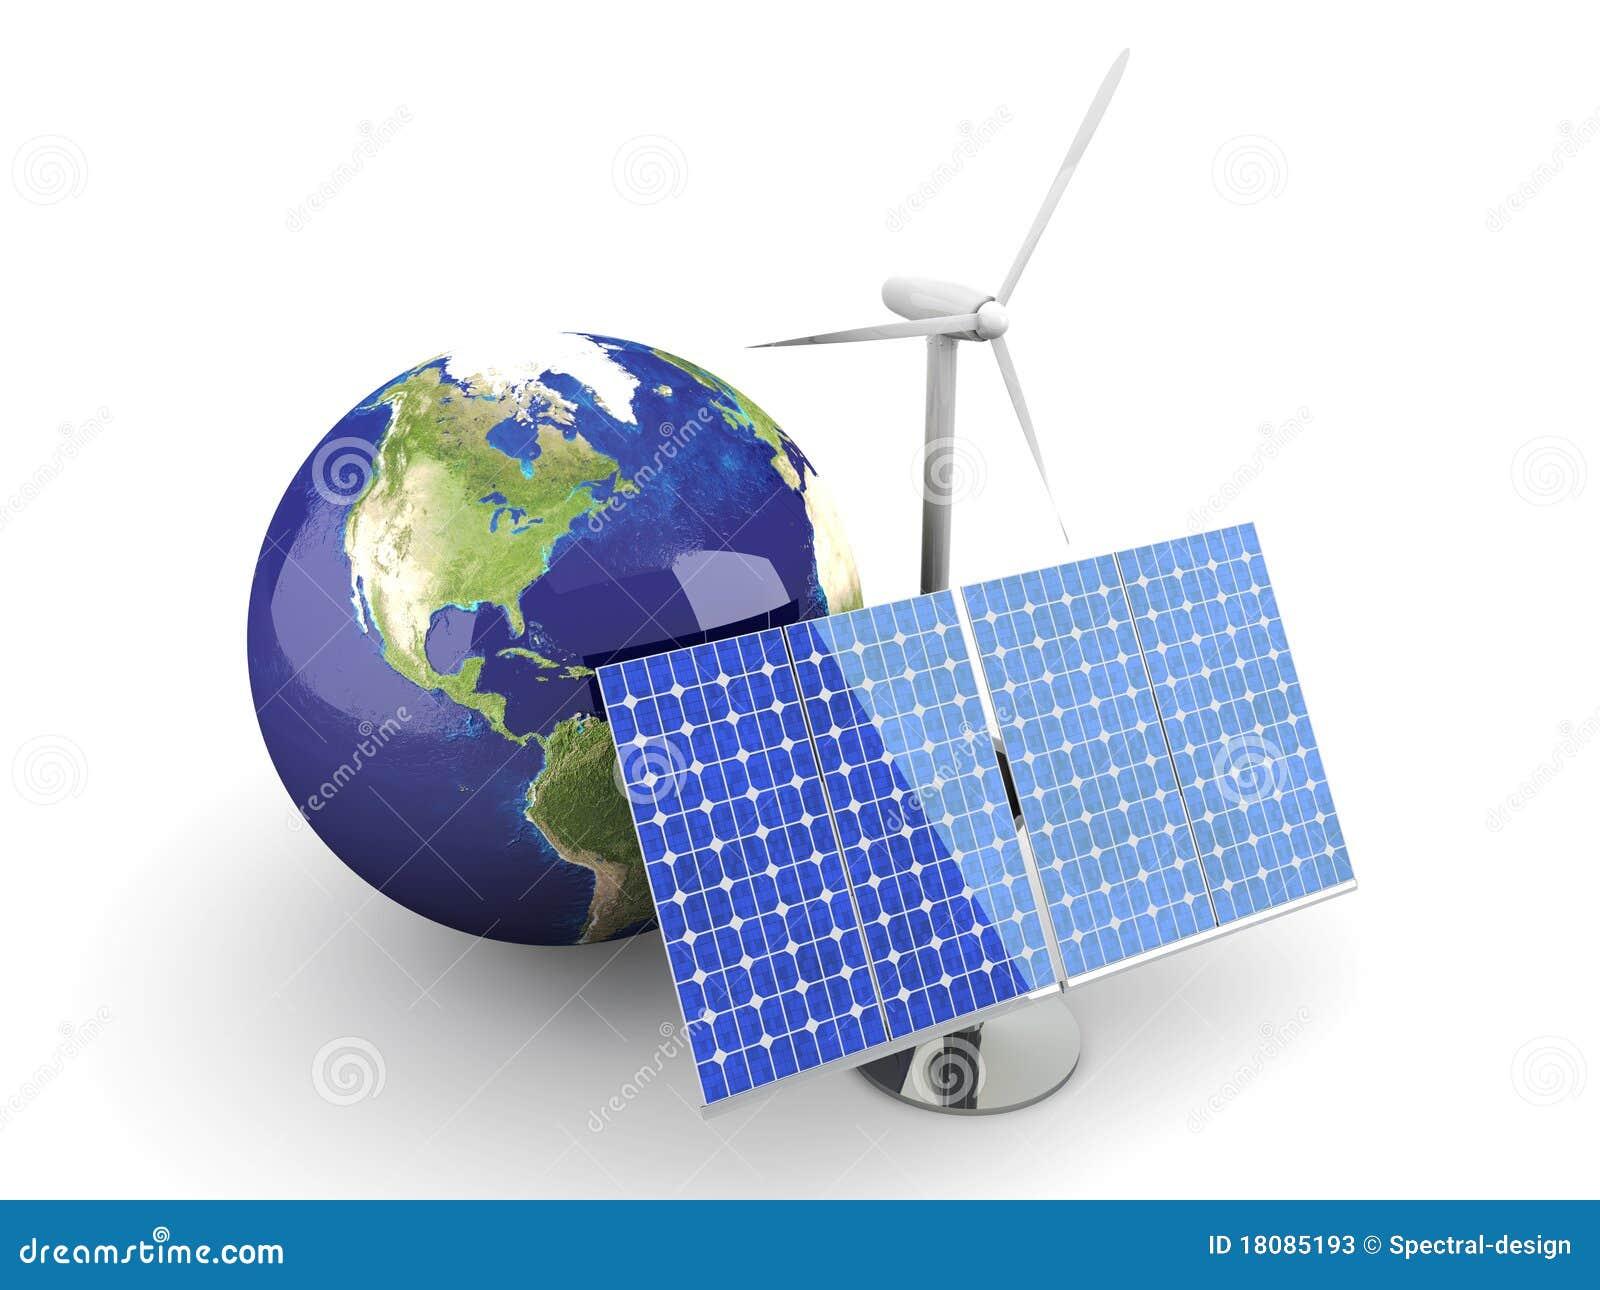 可选择能源美国